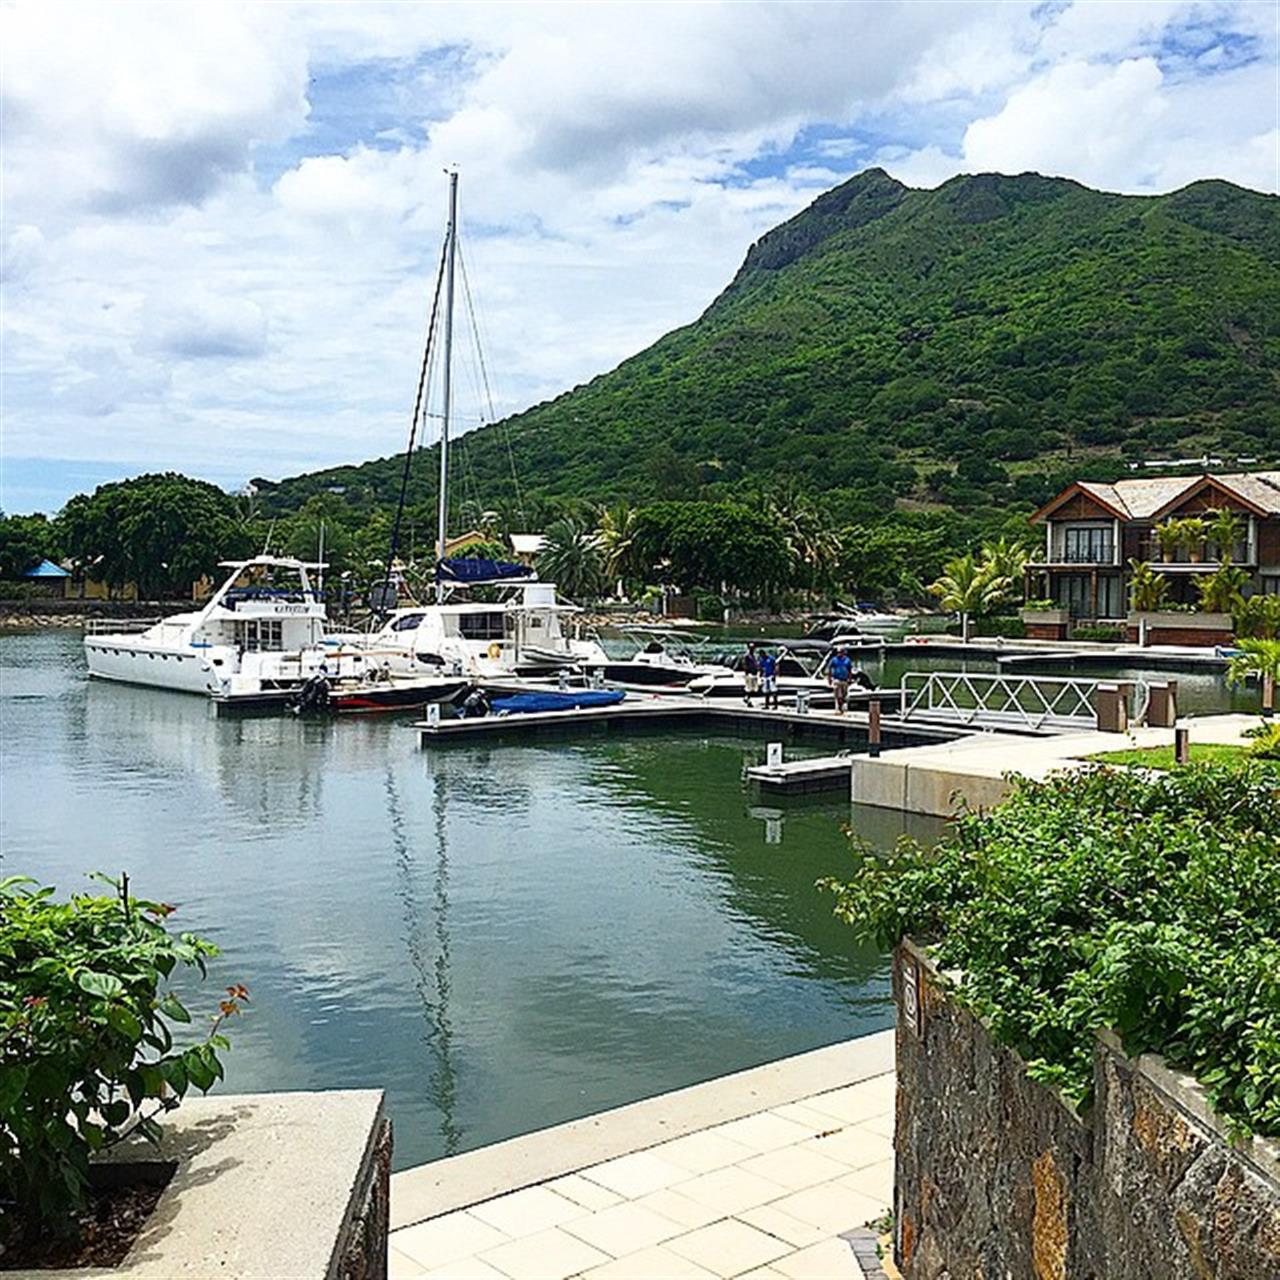 #marina #mauritius #LeadingRelocal